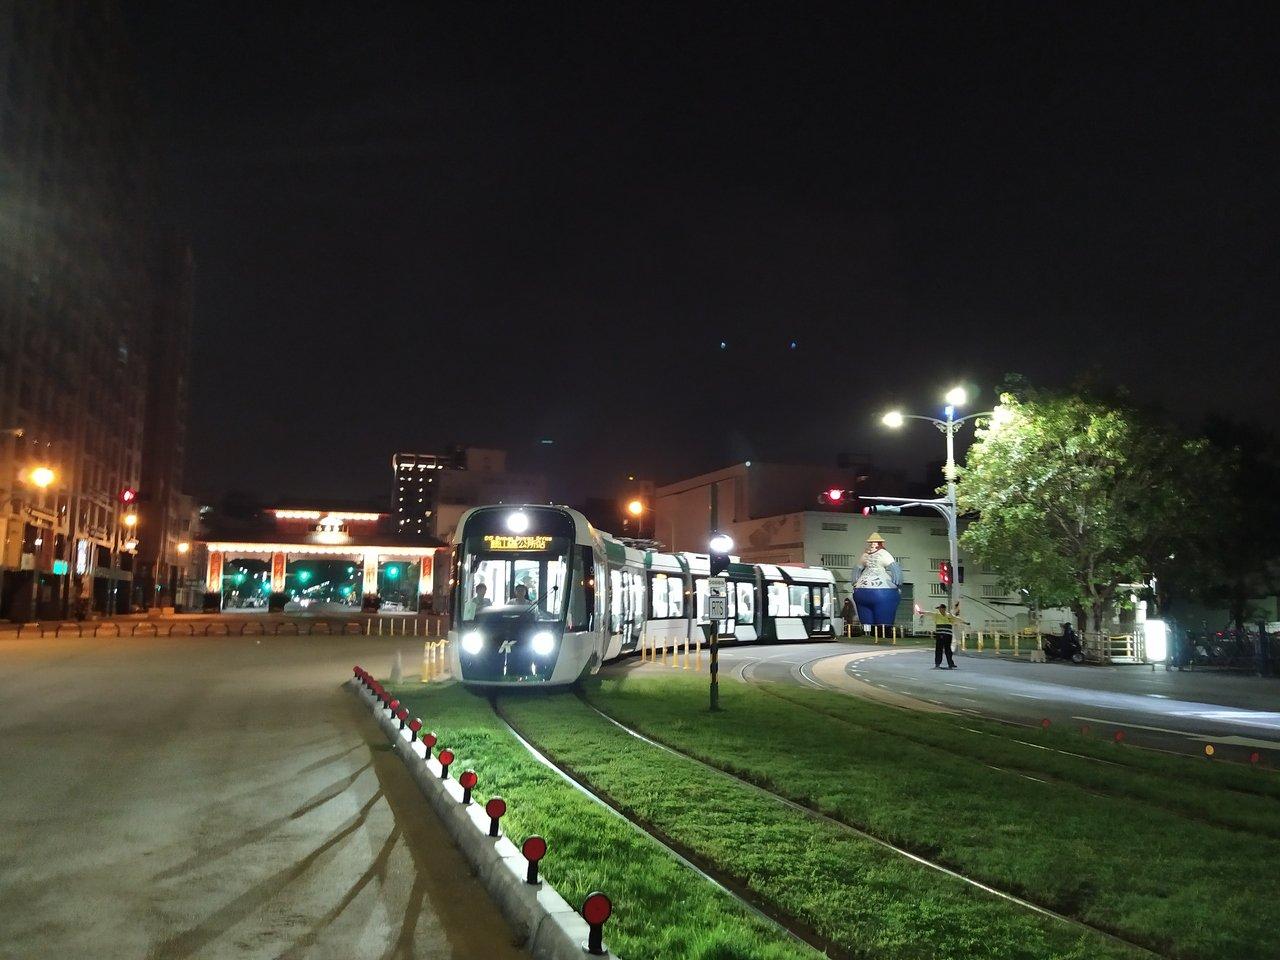 高雄二階輕軌列車在軌道上測試運轉。 圖/高雄市捷運局提供